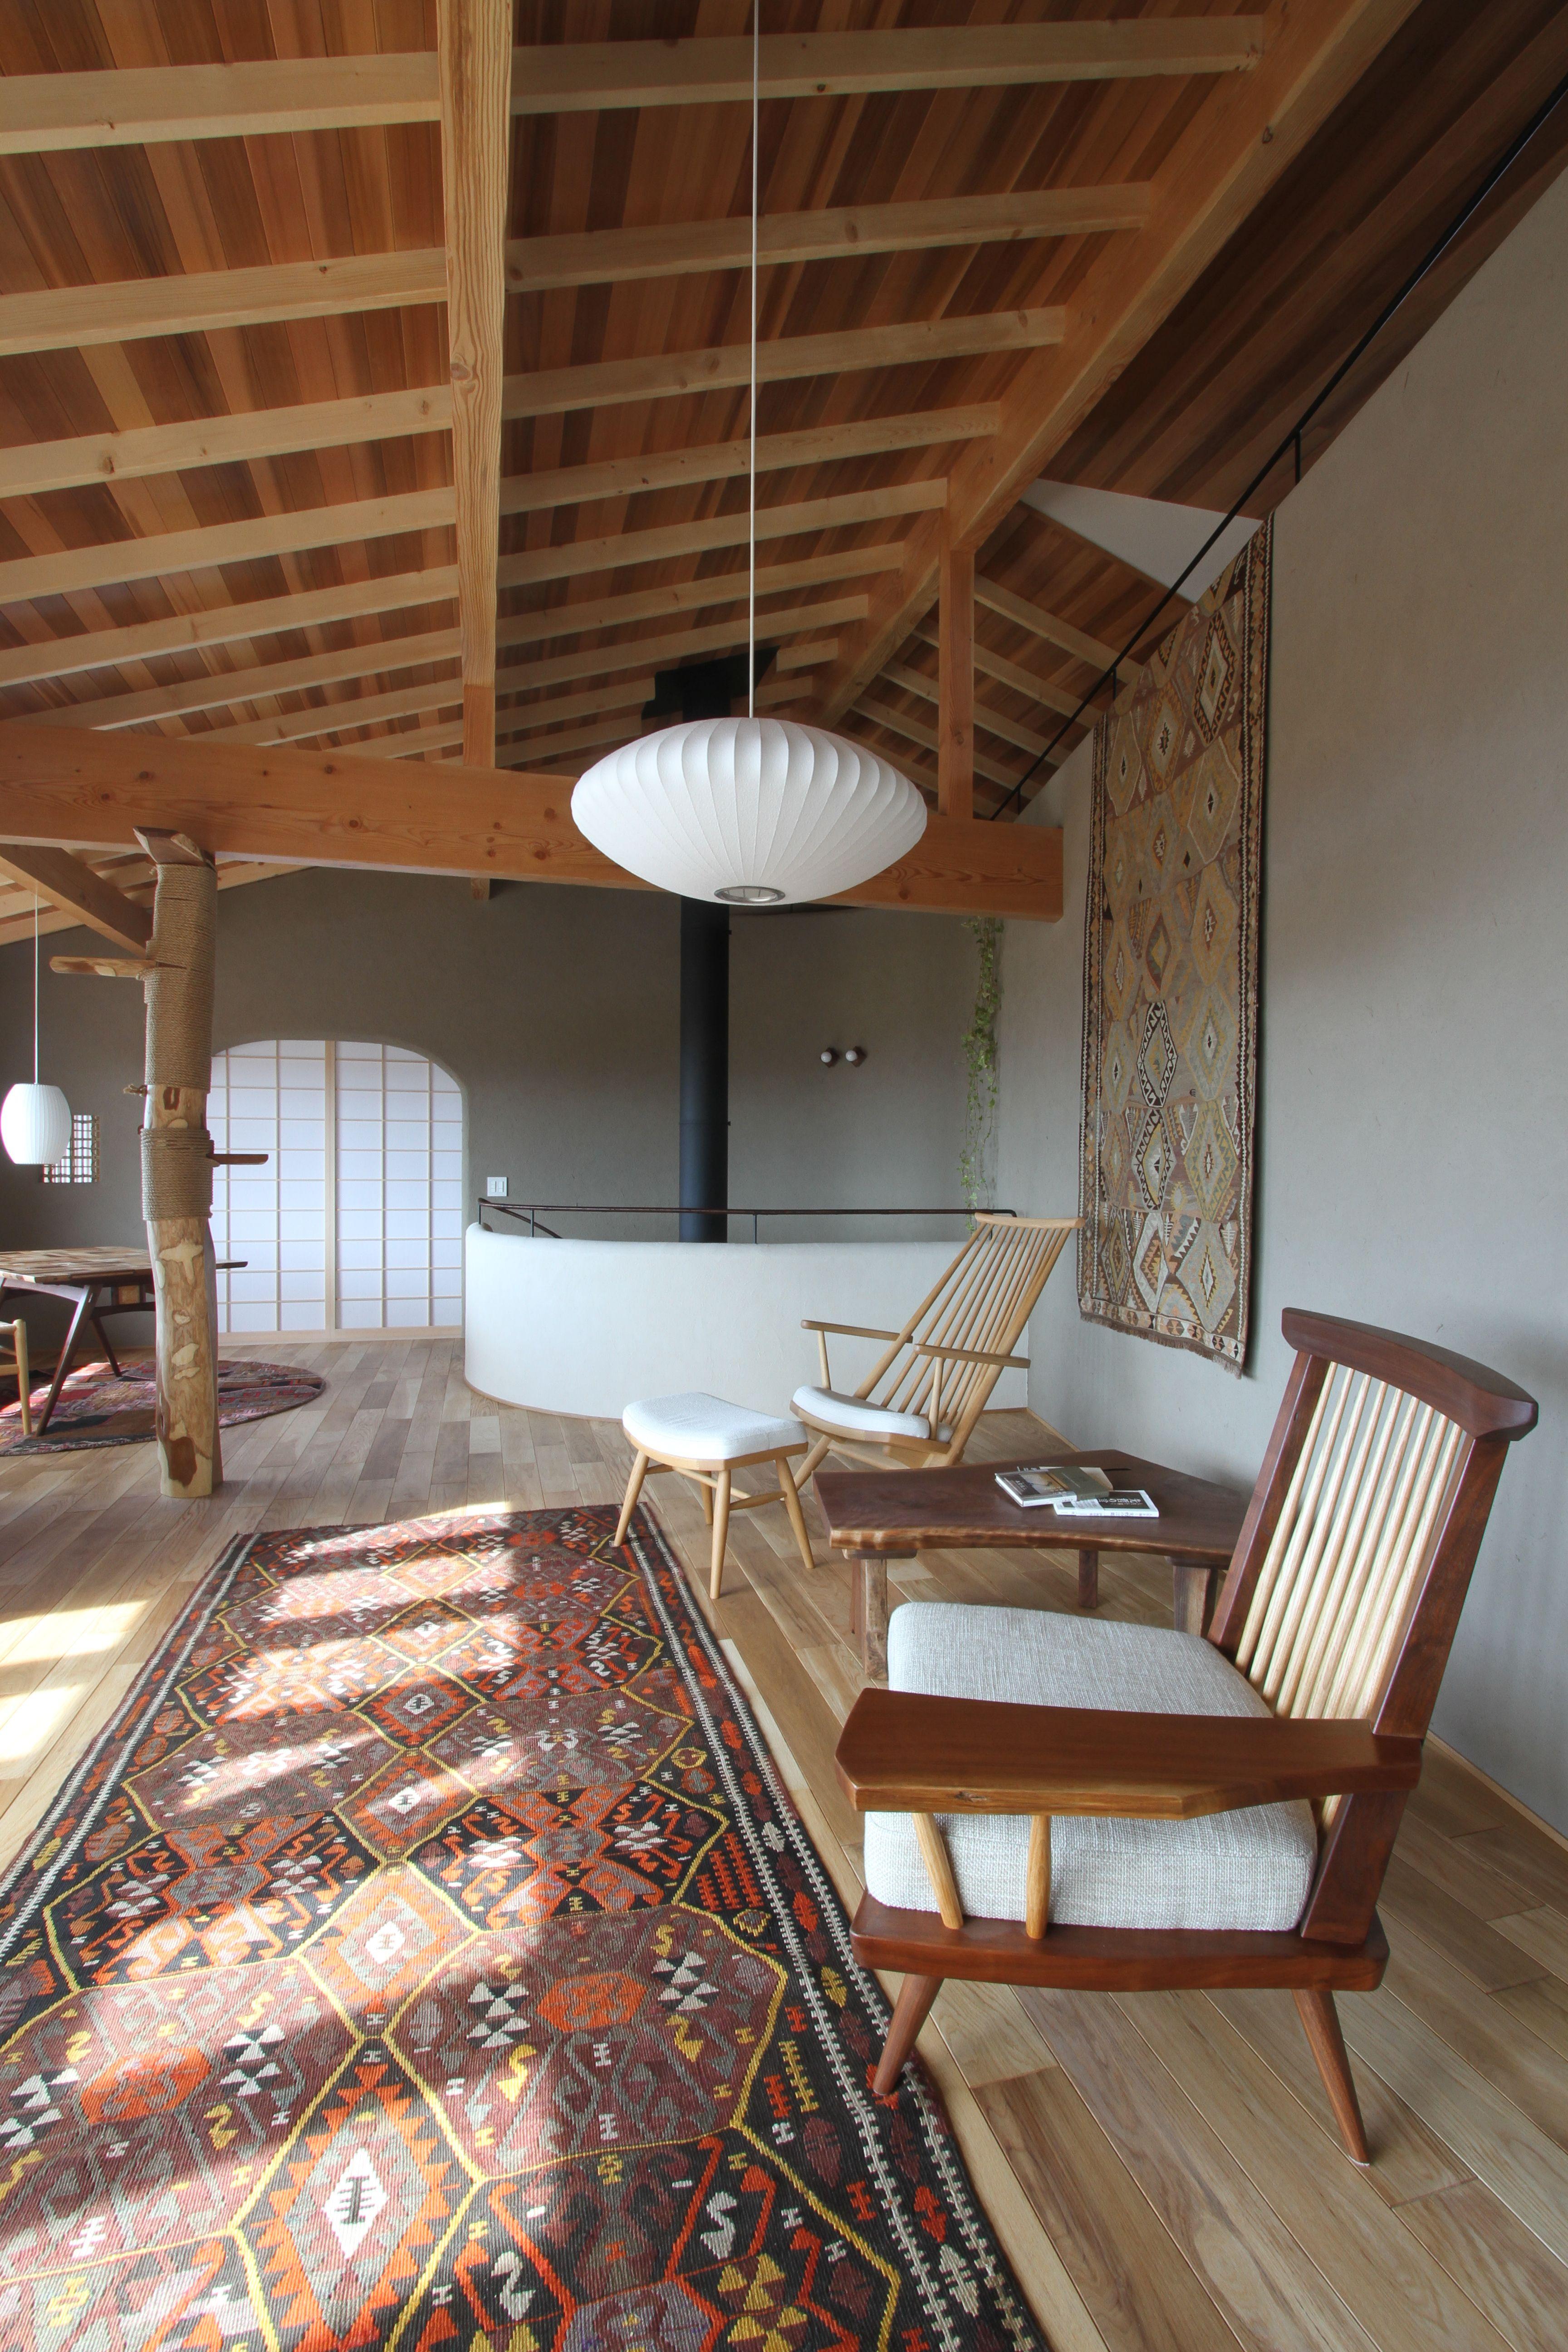 金田博道建築研究所㈱ http//kandw.p1.bindsite.jp/ 建築, 建築家, 金田